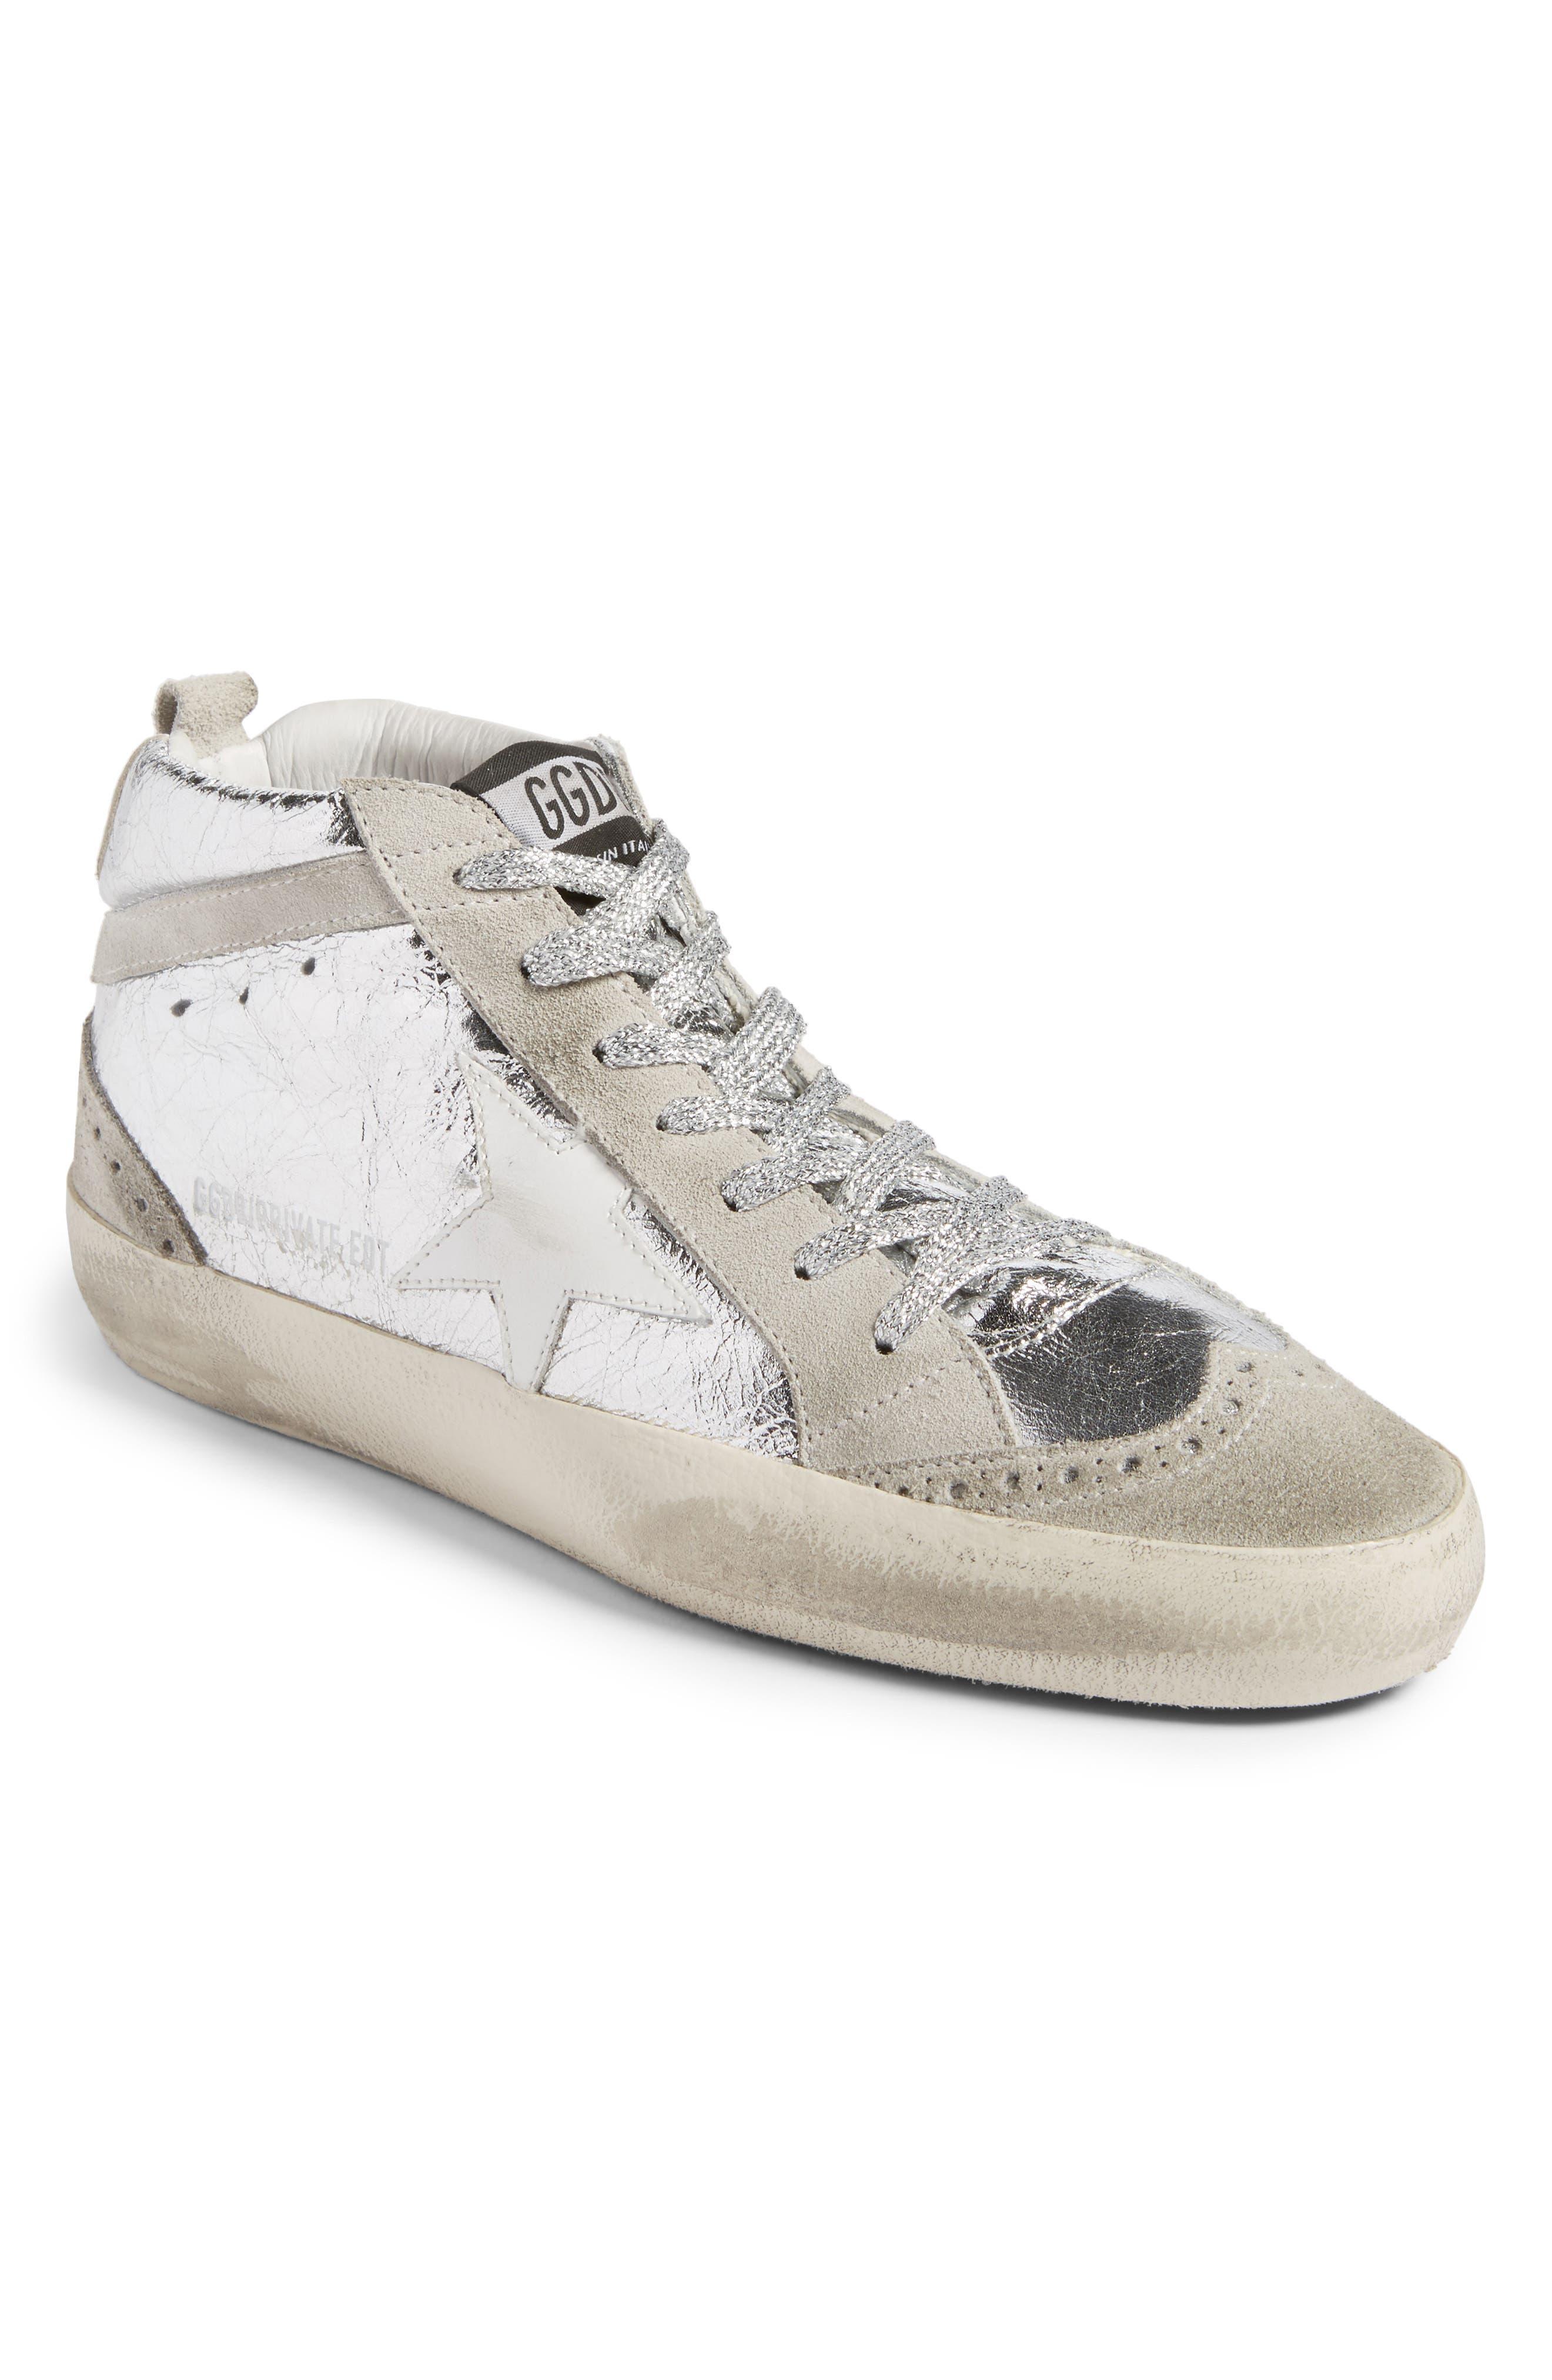 Main Image - Golden Goose Mid Star Metallic Sneaker (Women)